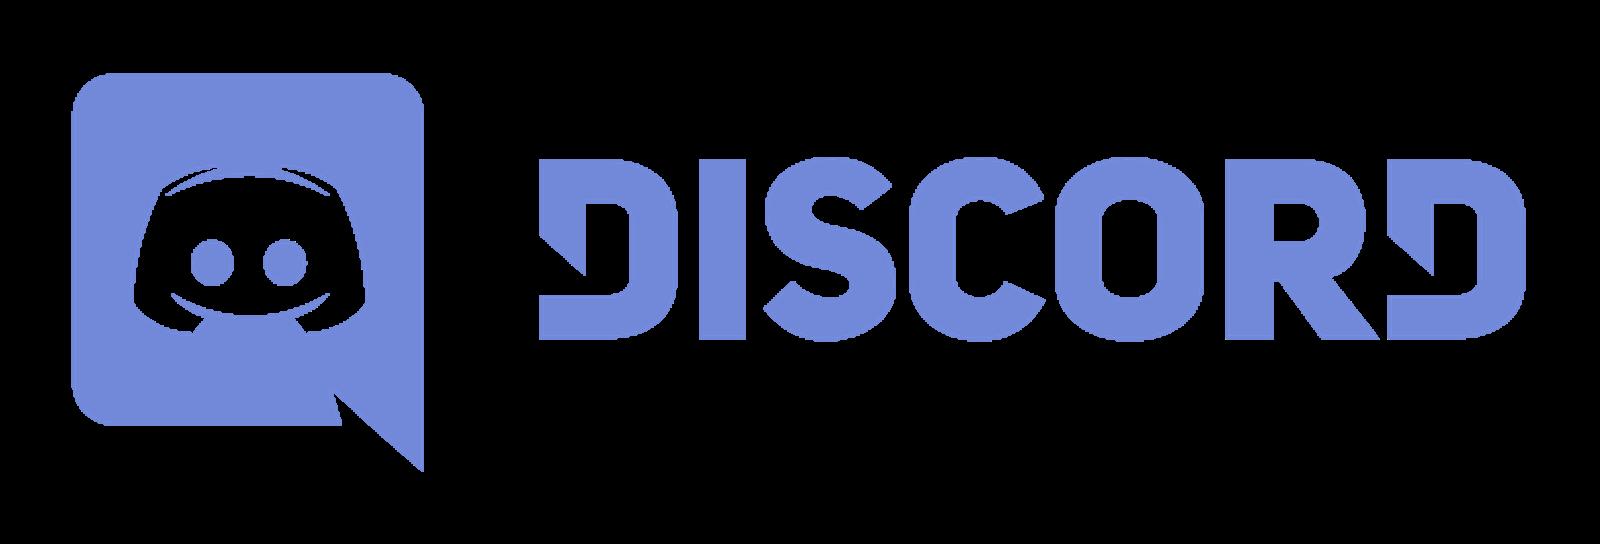 Создать новый аккаунт Дискорд